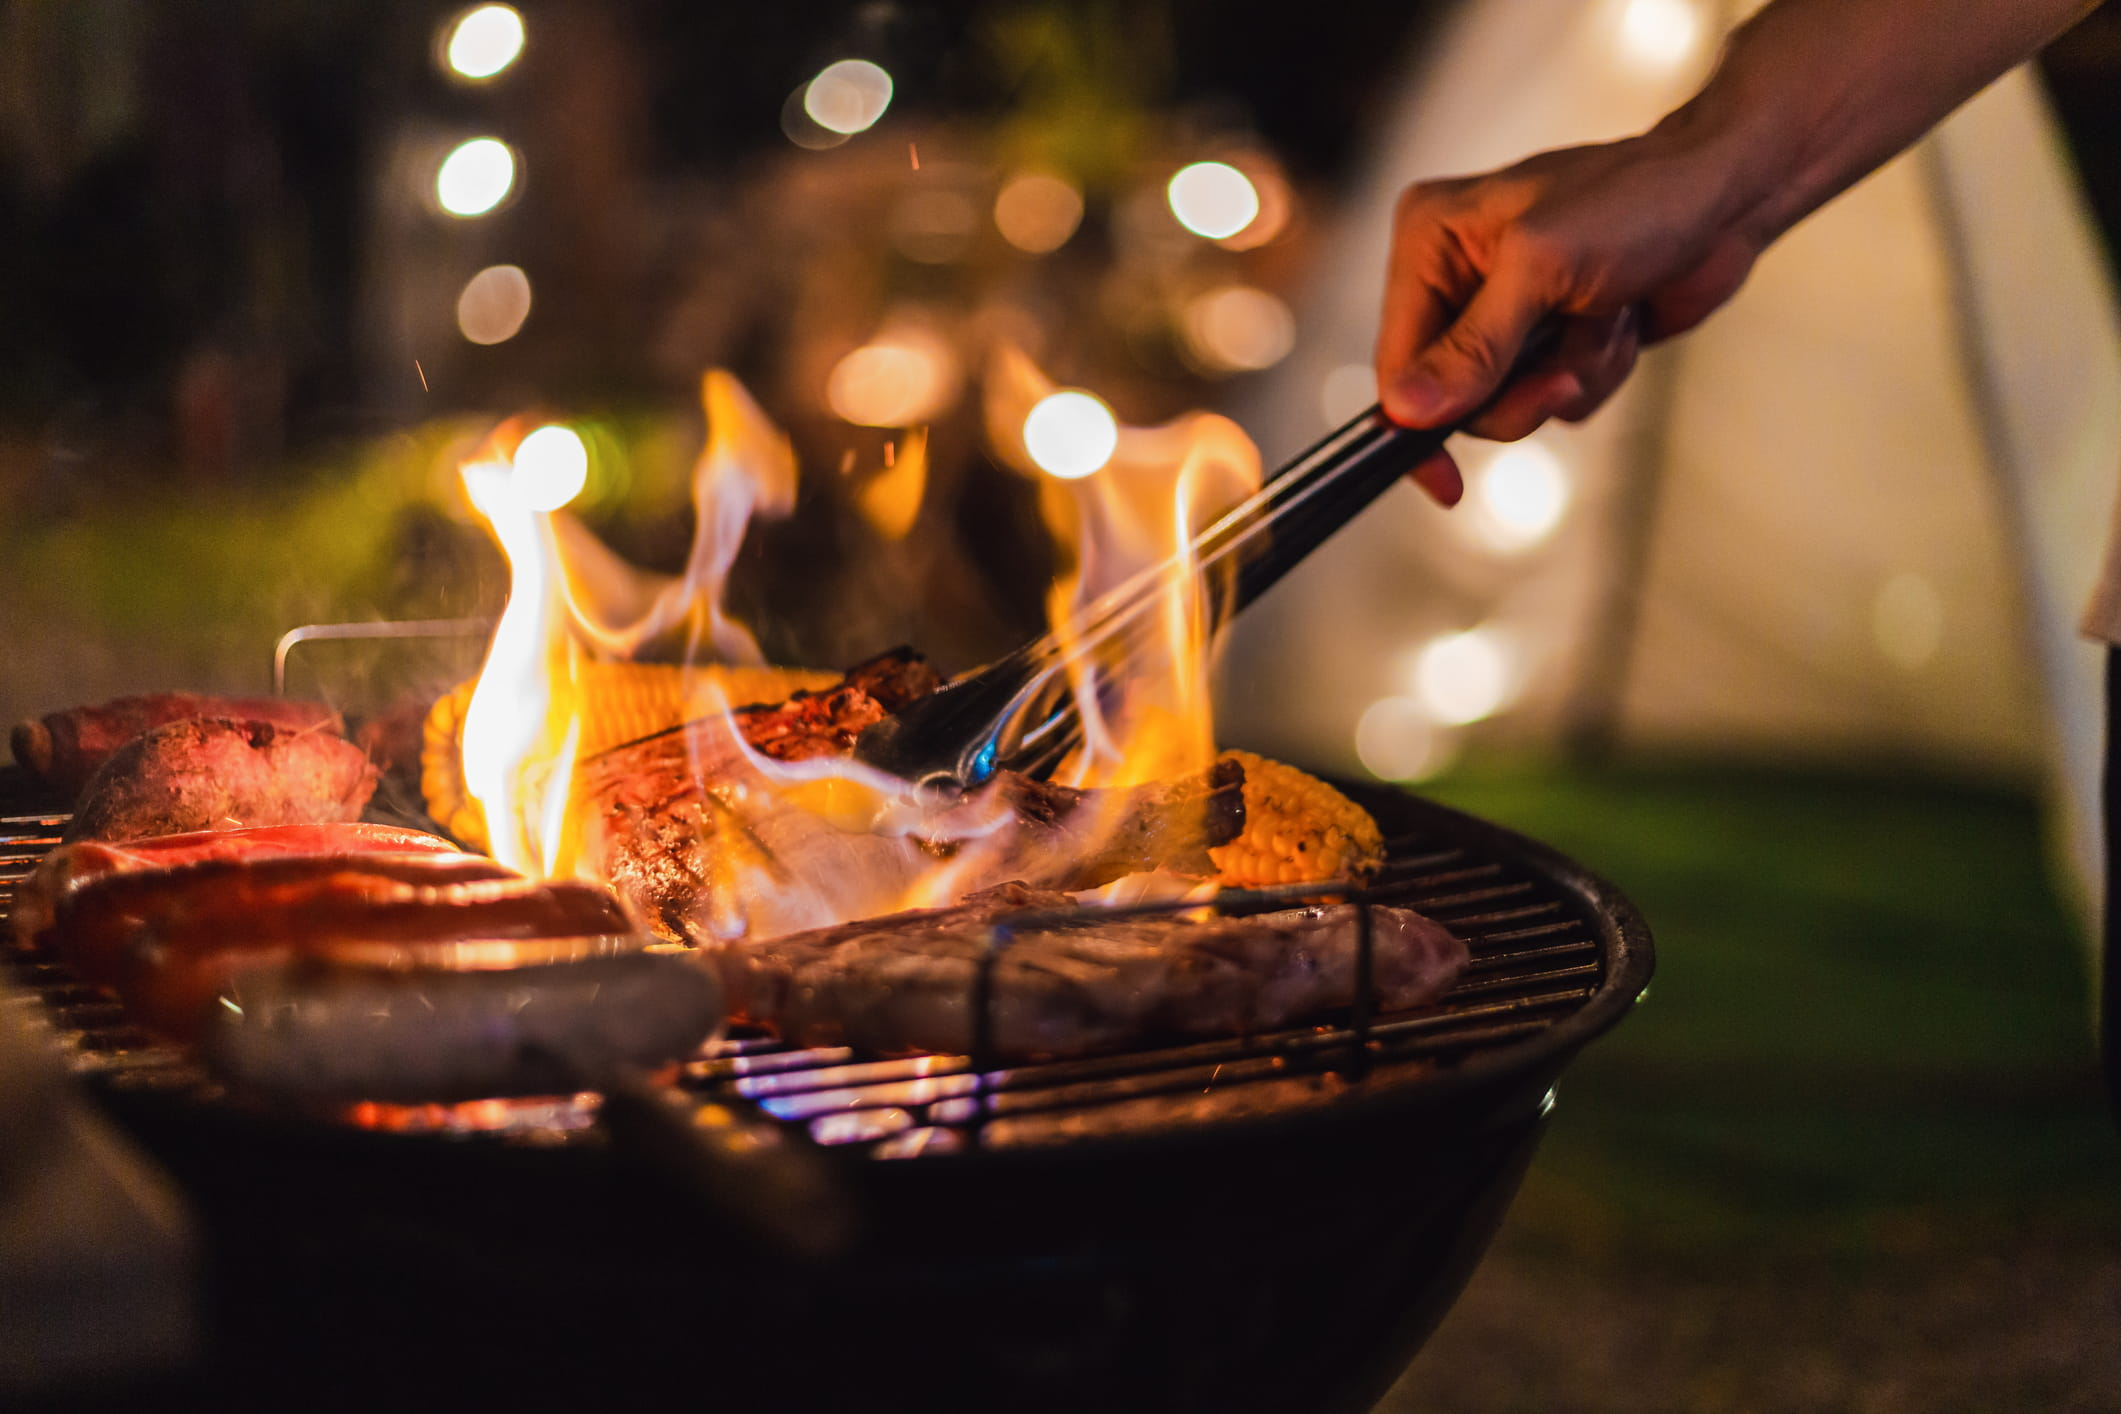 Végétarien, amateur de viande ou mangeur exigeant ? Voici nos 5 meilleurs conseils pour le barbecue